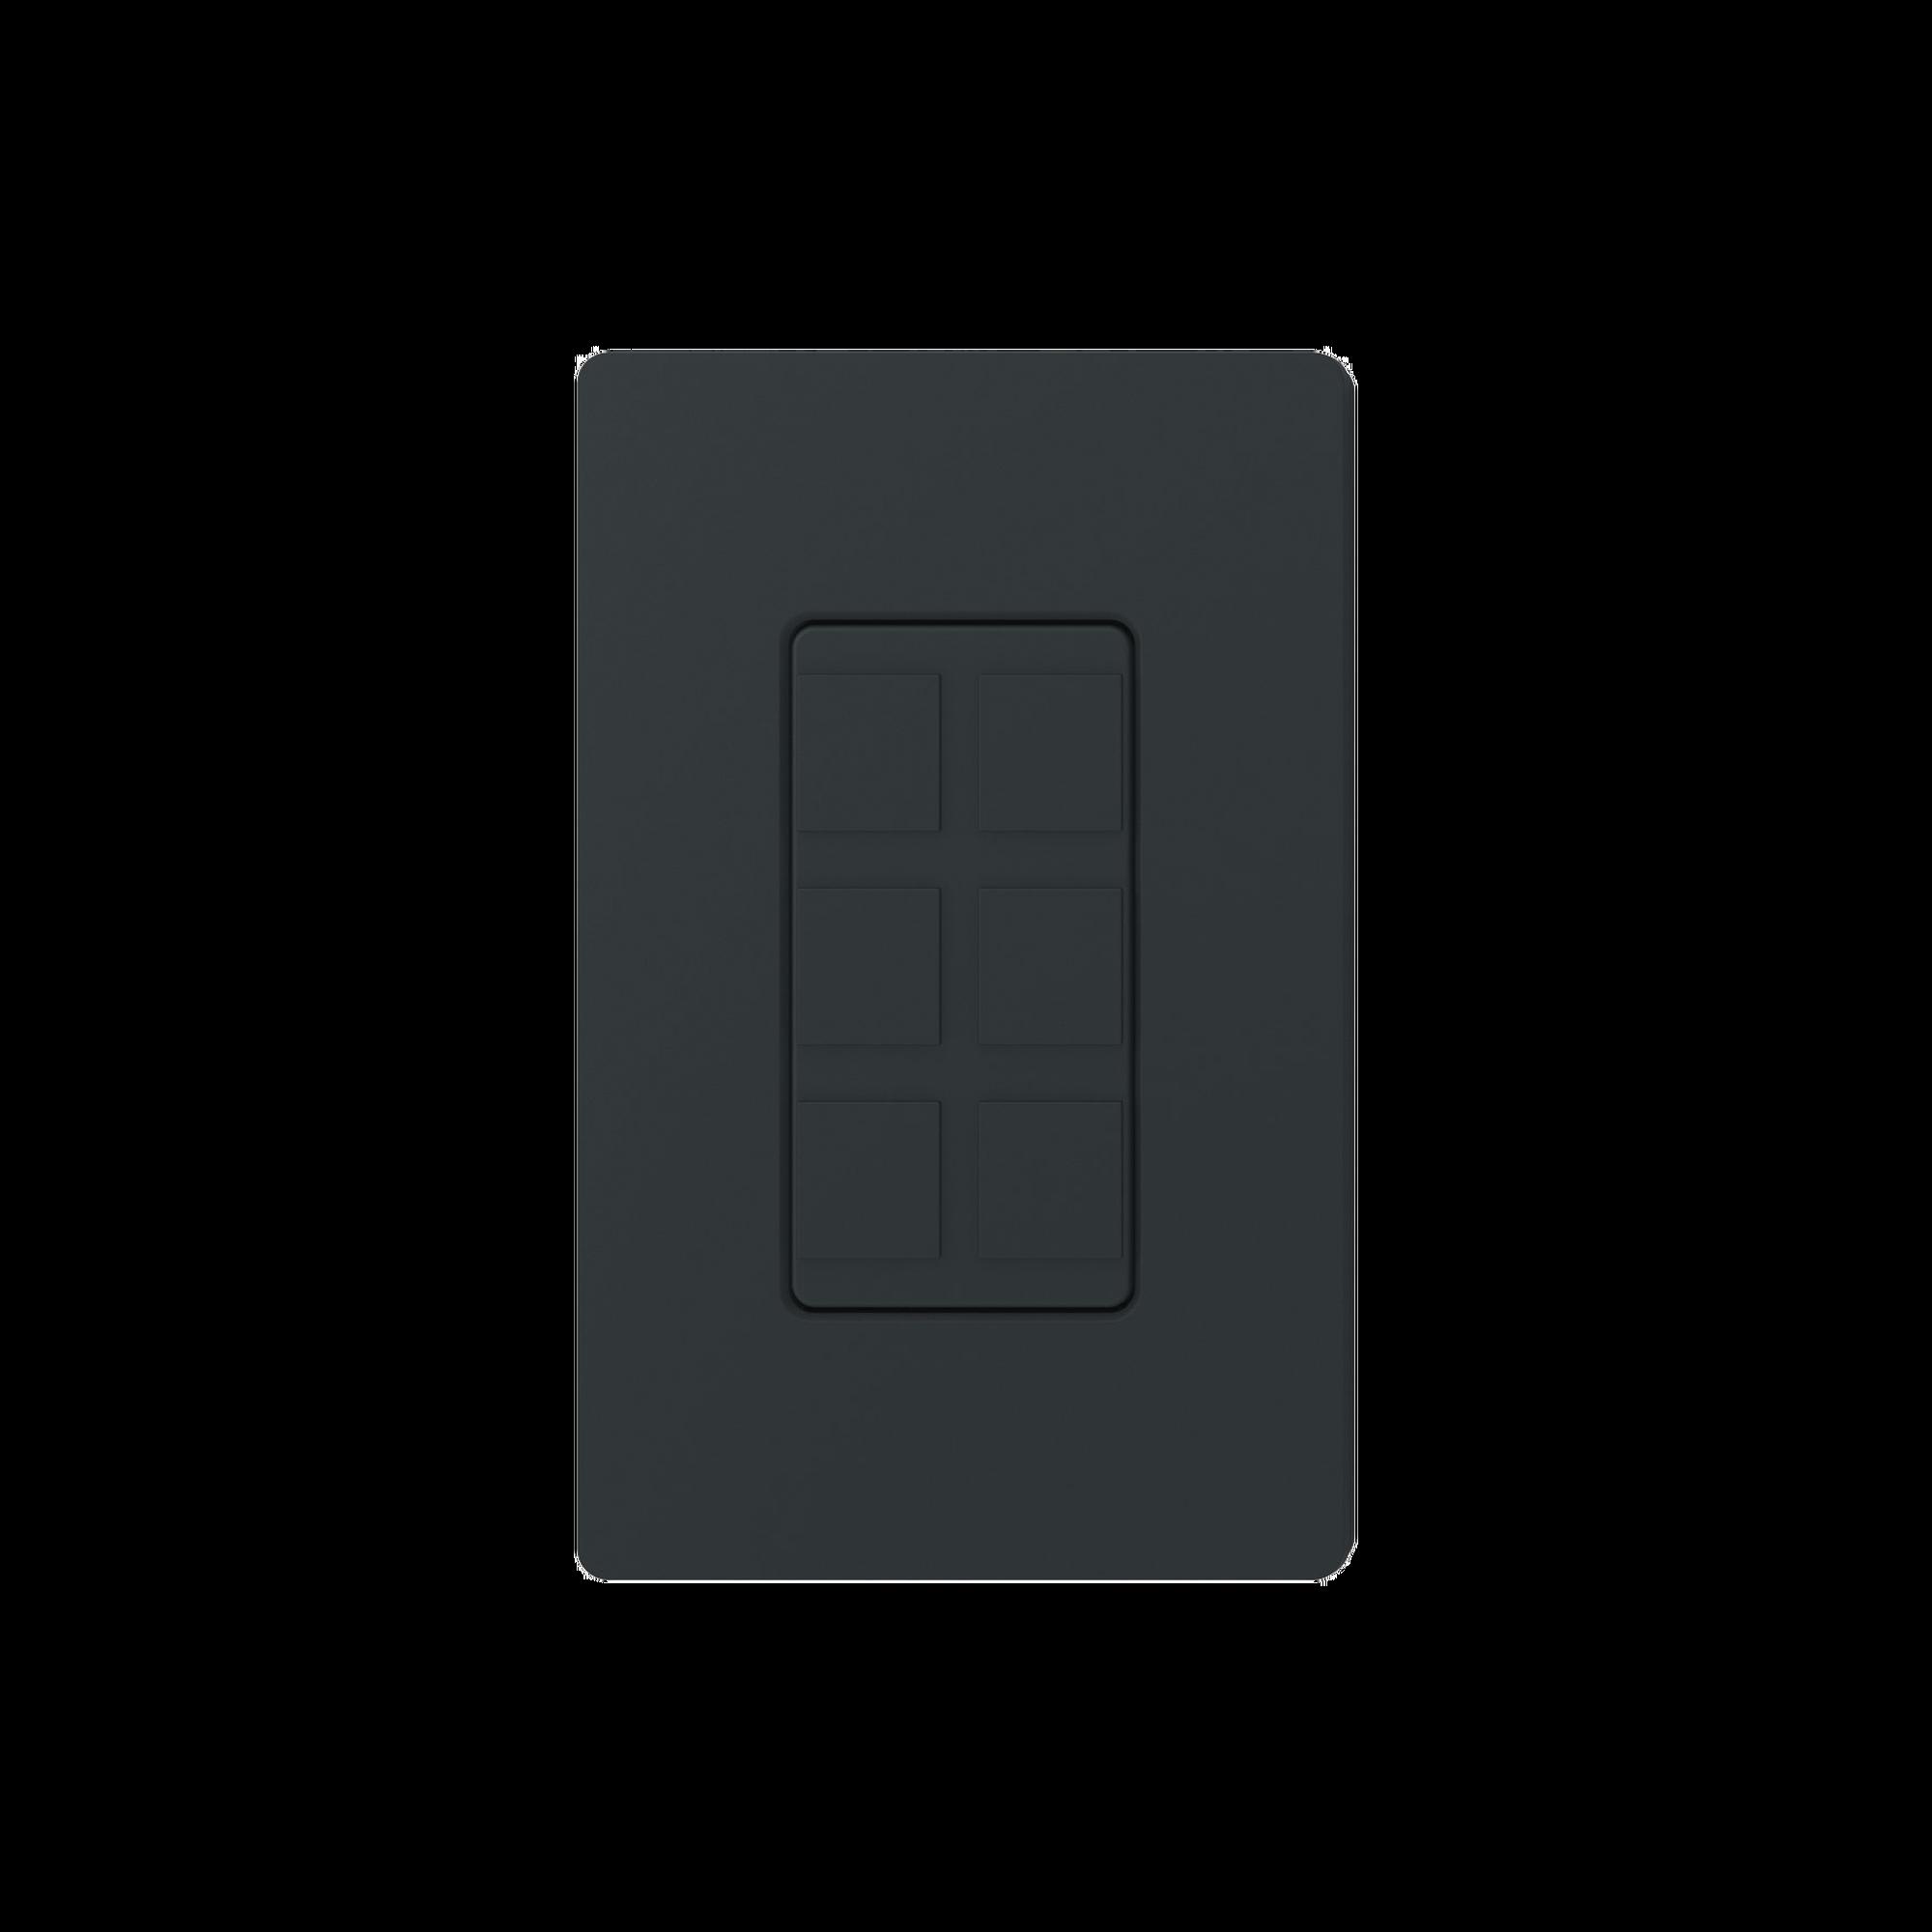 Placa de 6 puertos, color negro night.